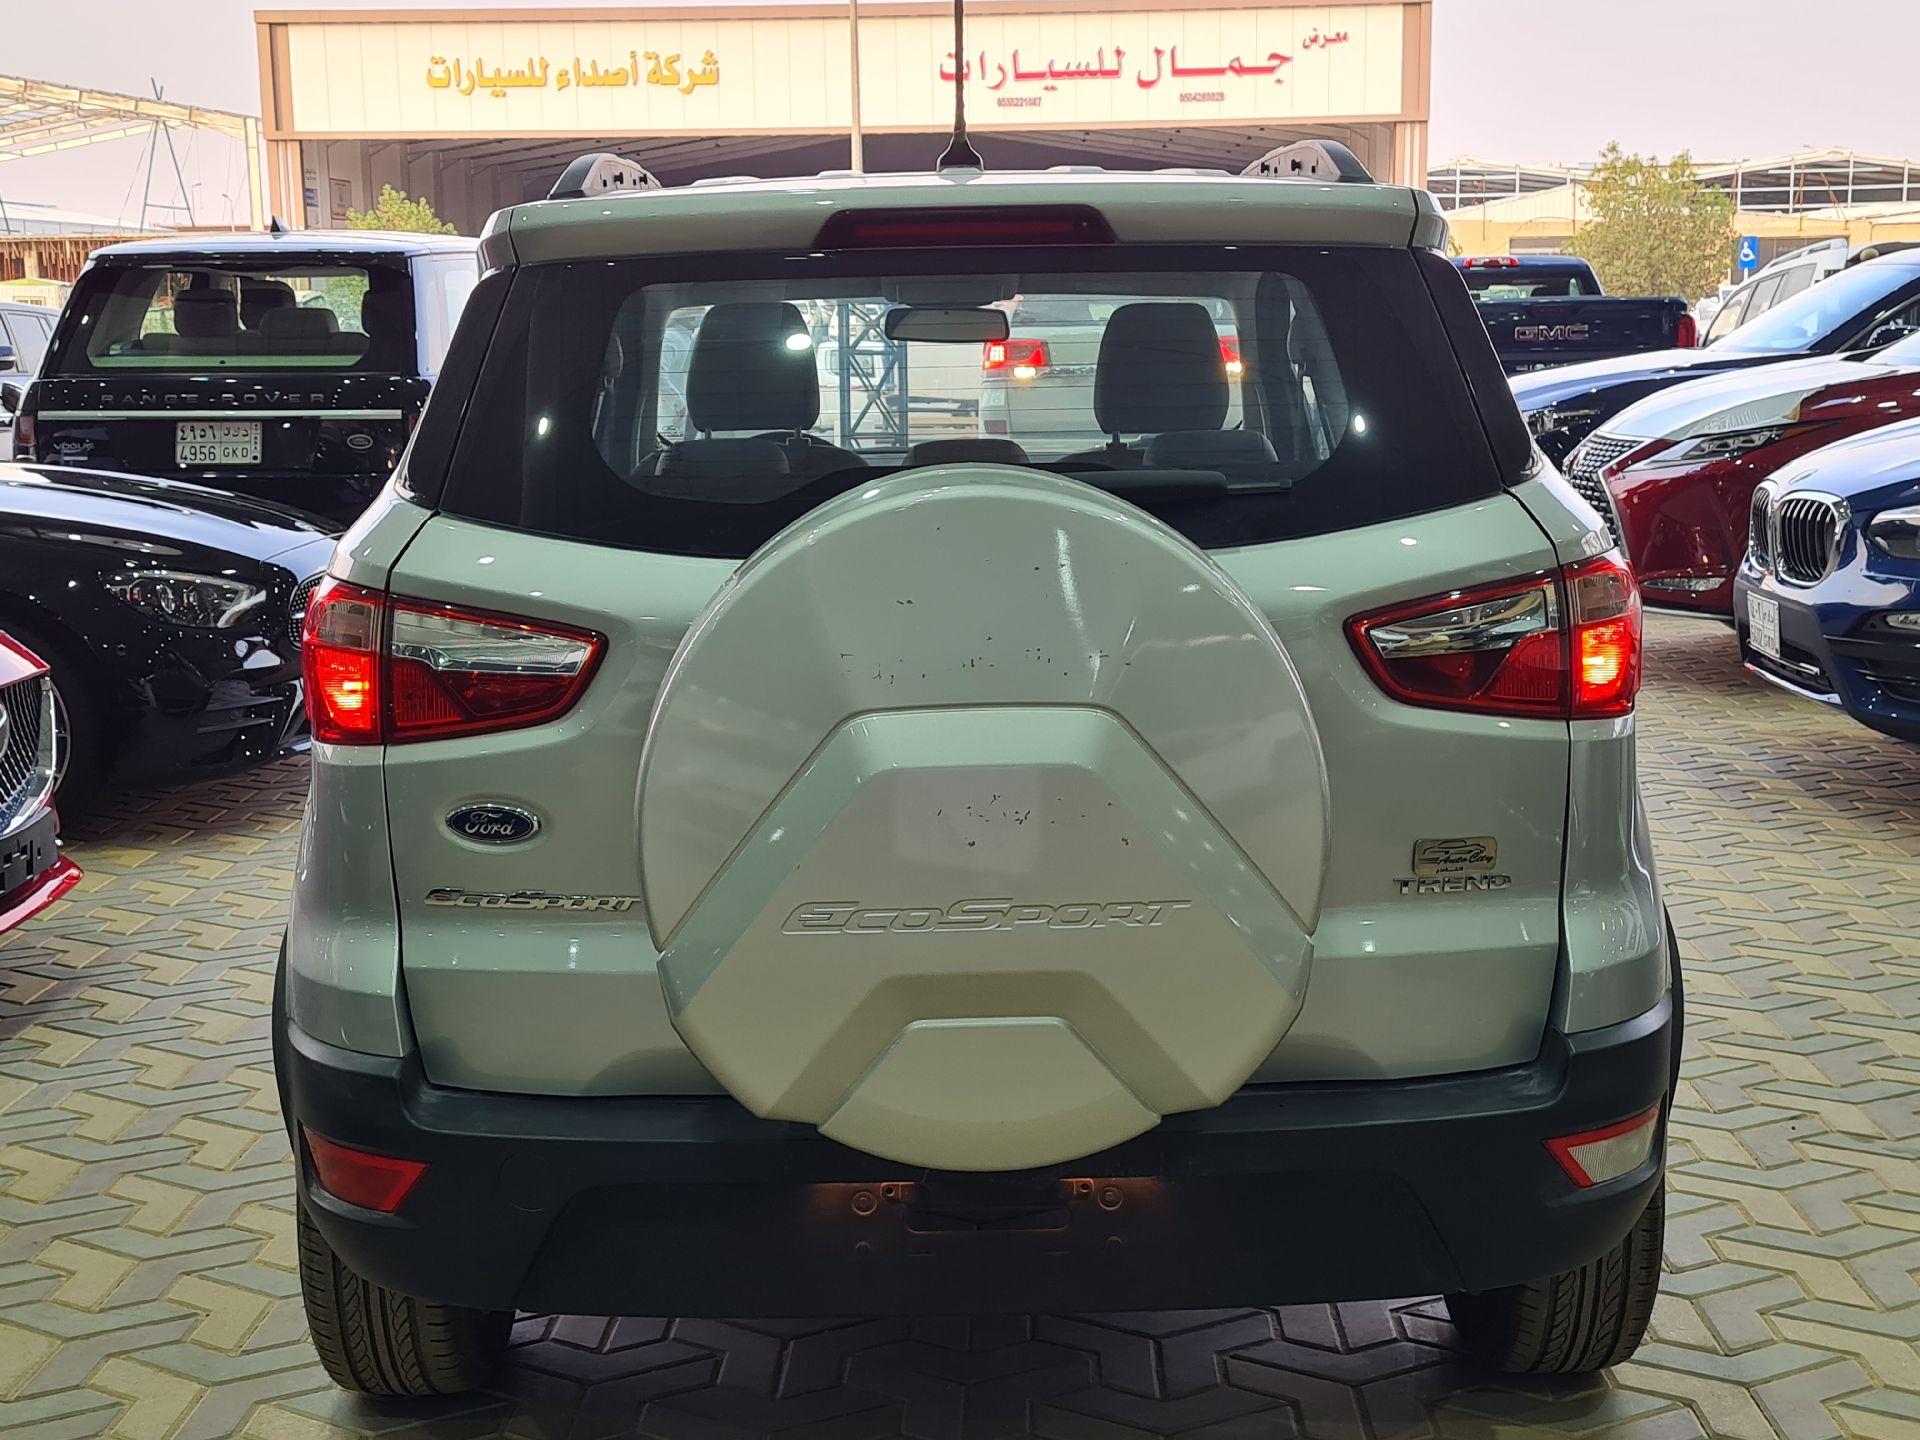 فورد ايكو سبورت  2020 خليجي نص فل للبيع في الرياض - السعودية - صورة كبيرة - 3